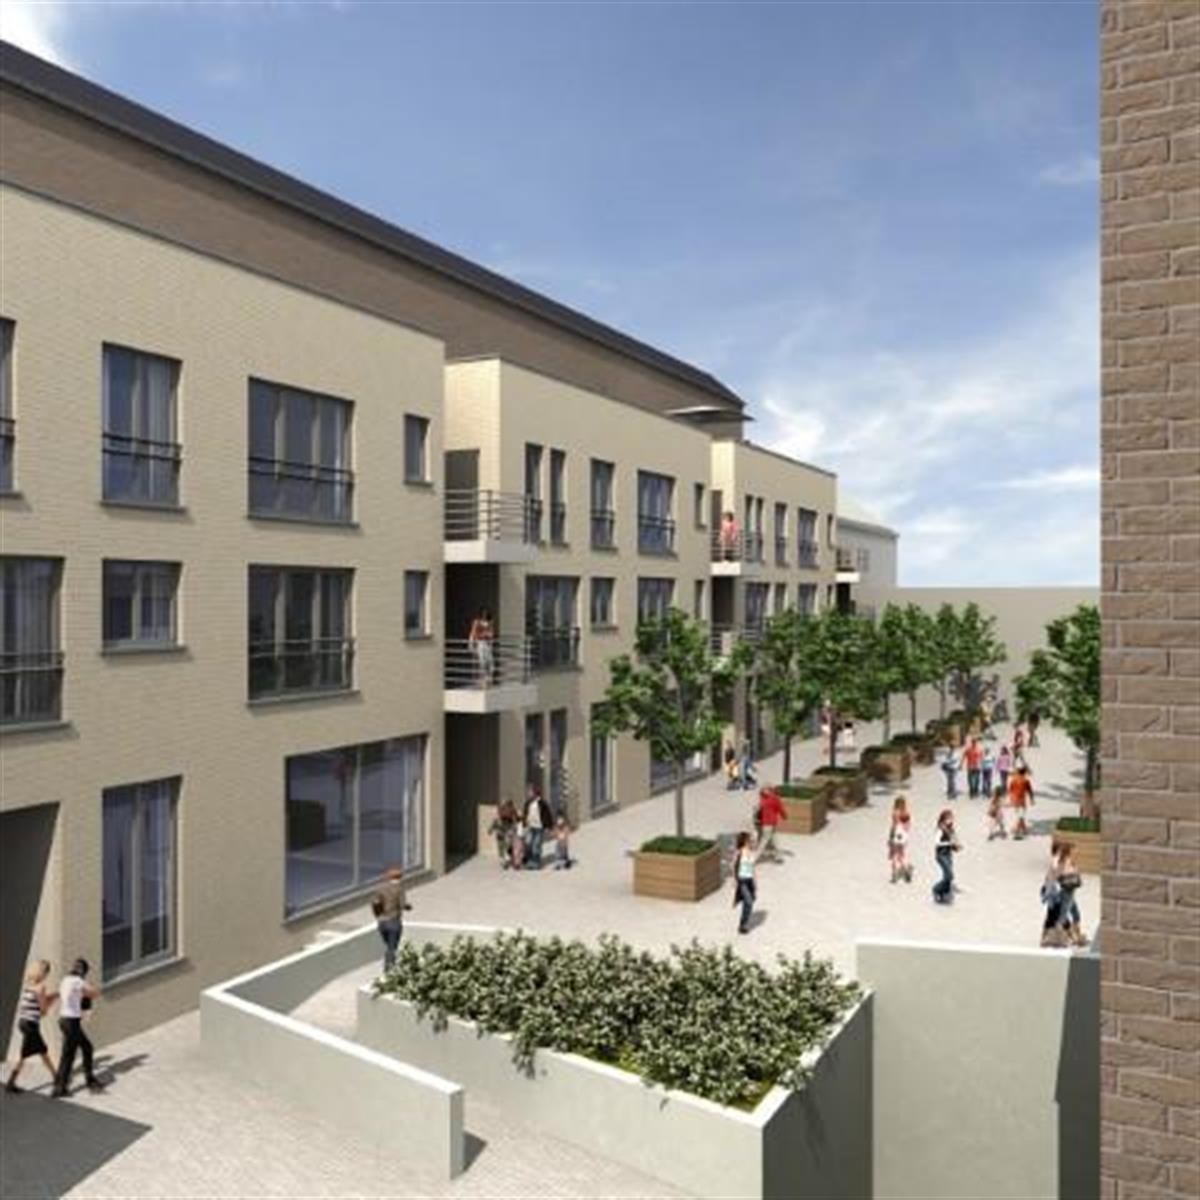 Immeuble à usage multiple - Bruxelles - #3999351-2